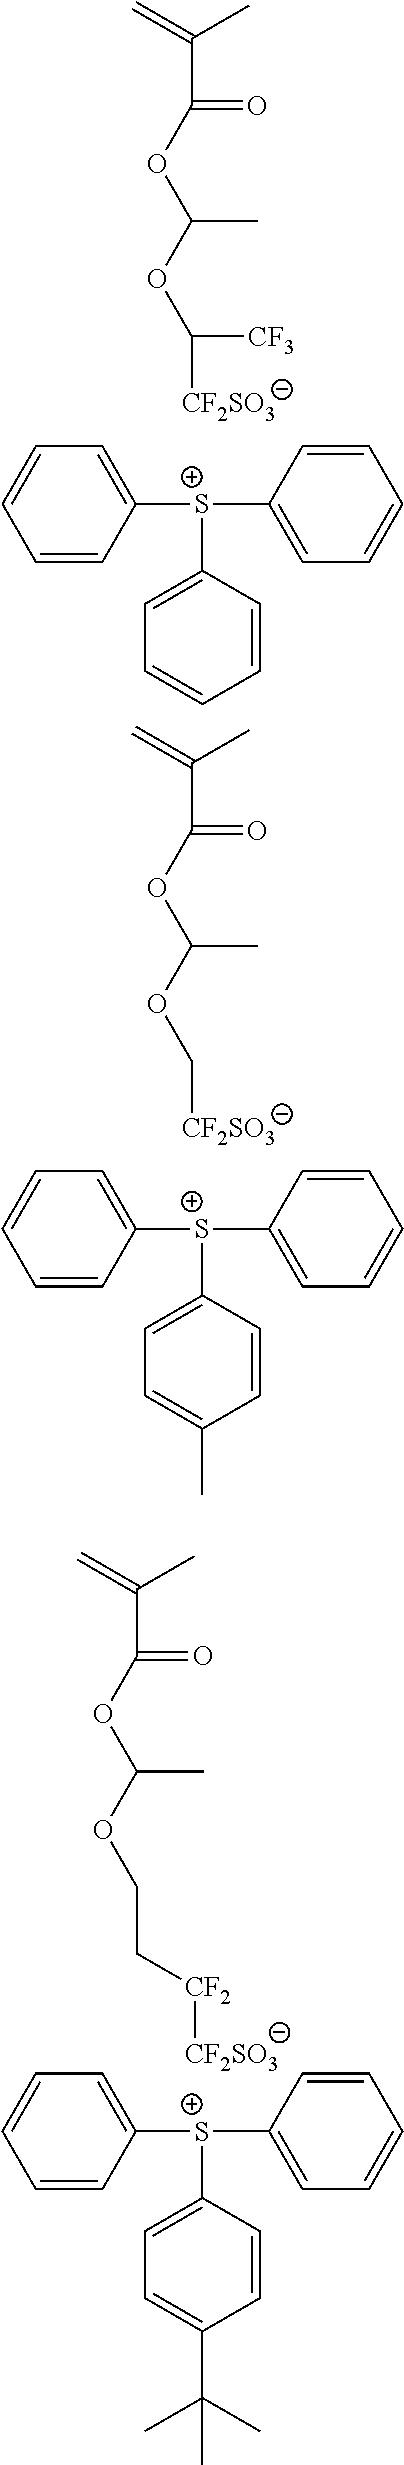 Figure US20110269074A1-20111103-C00001